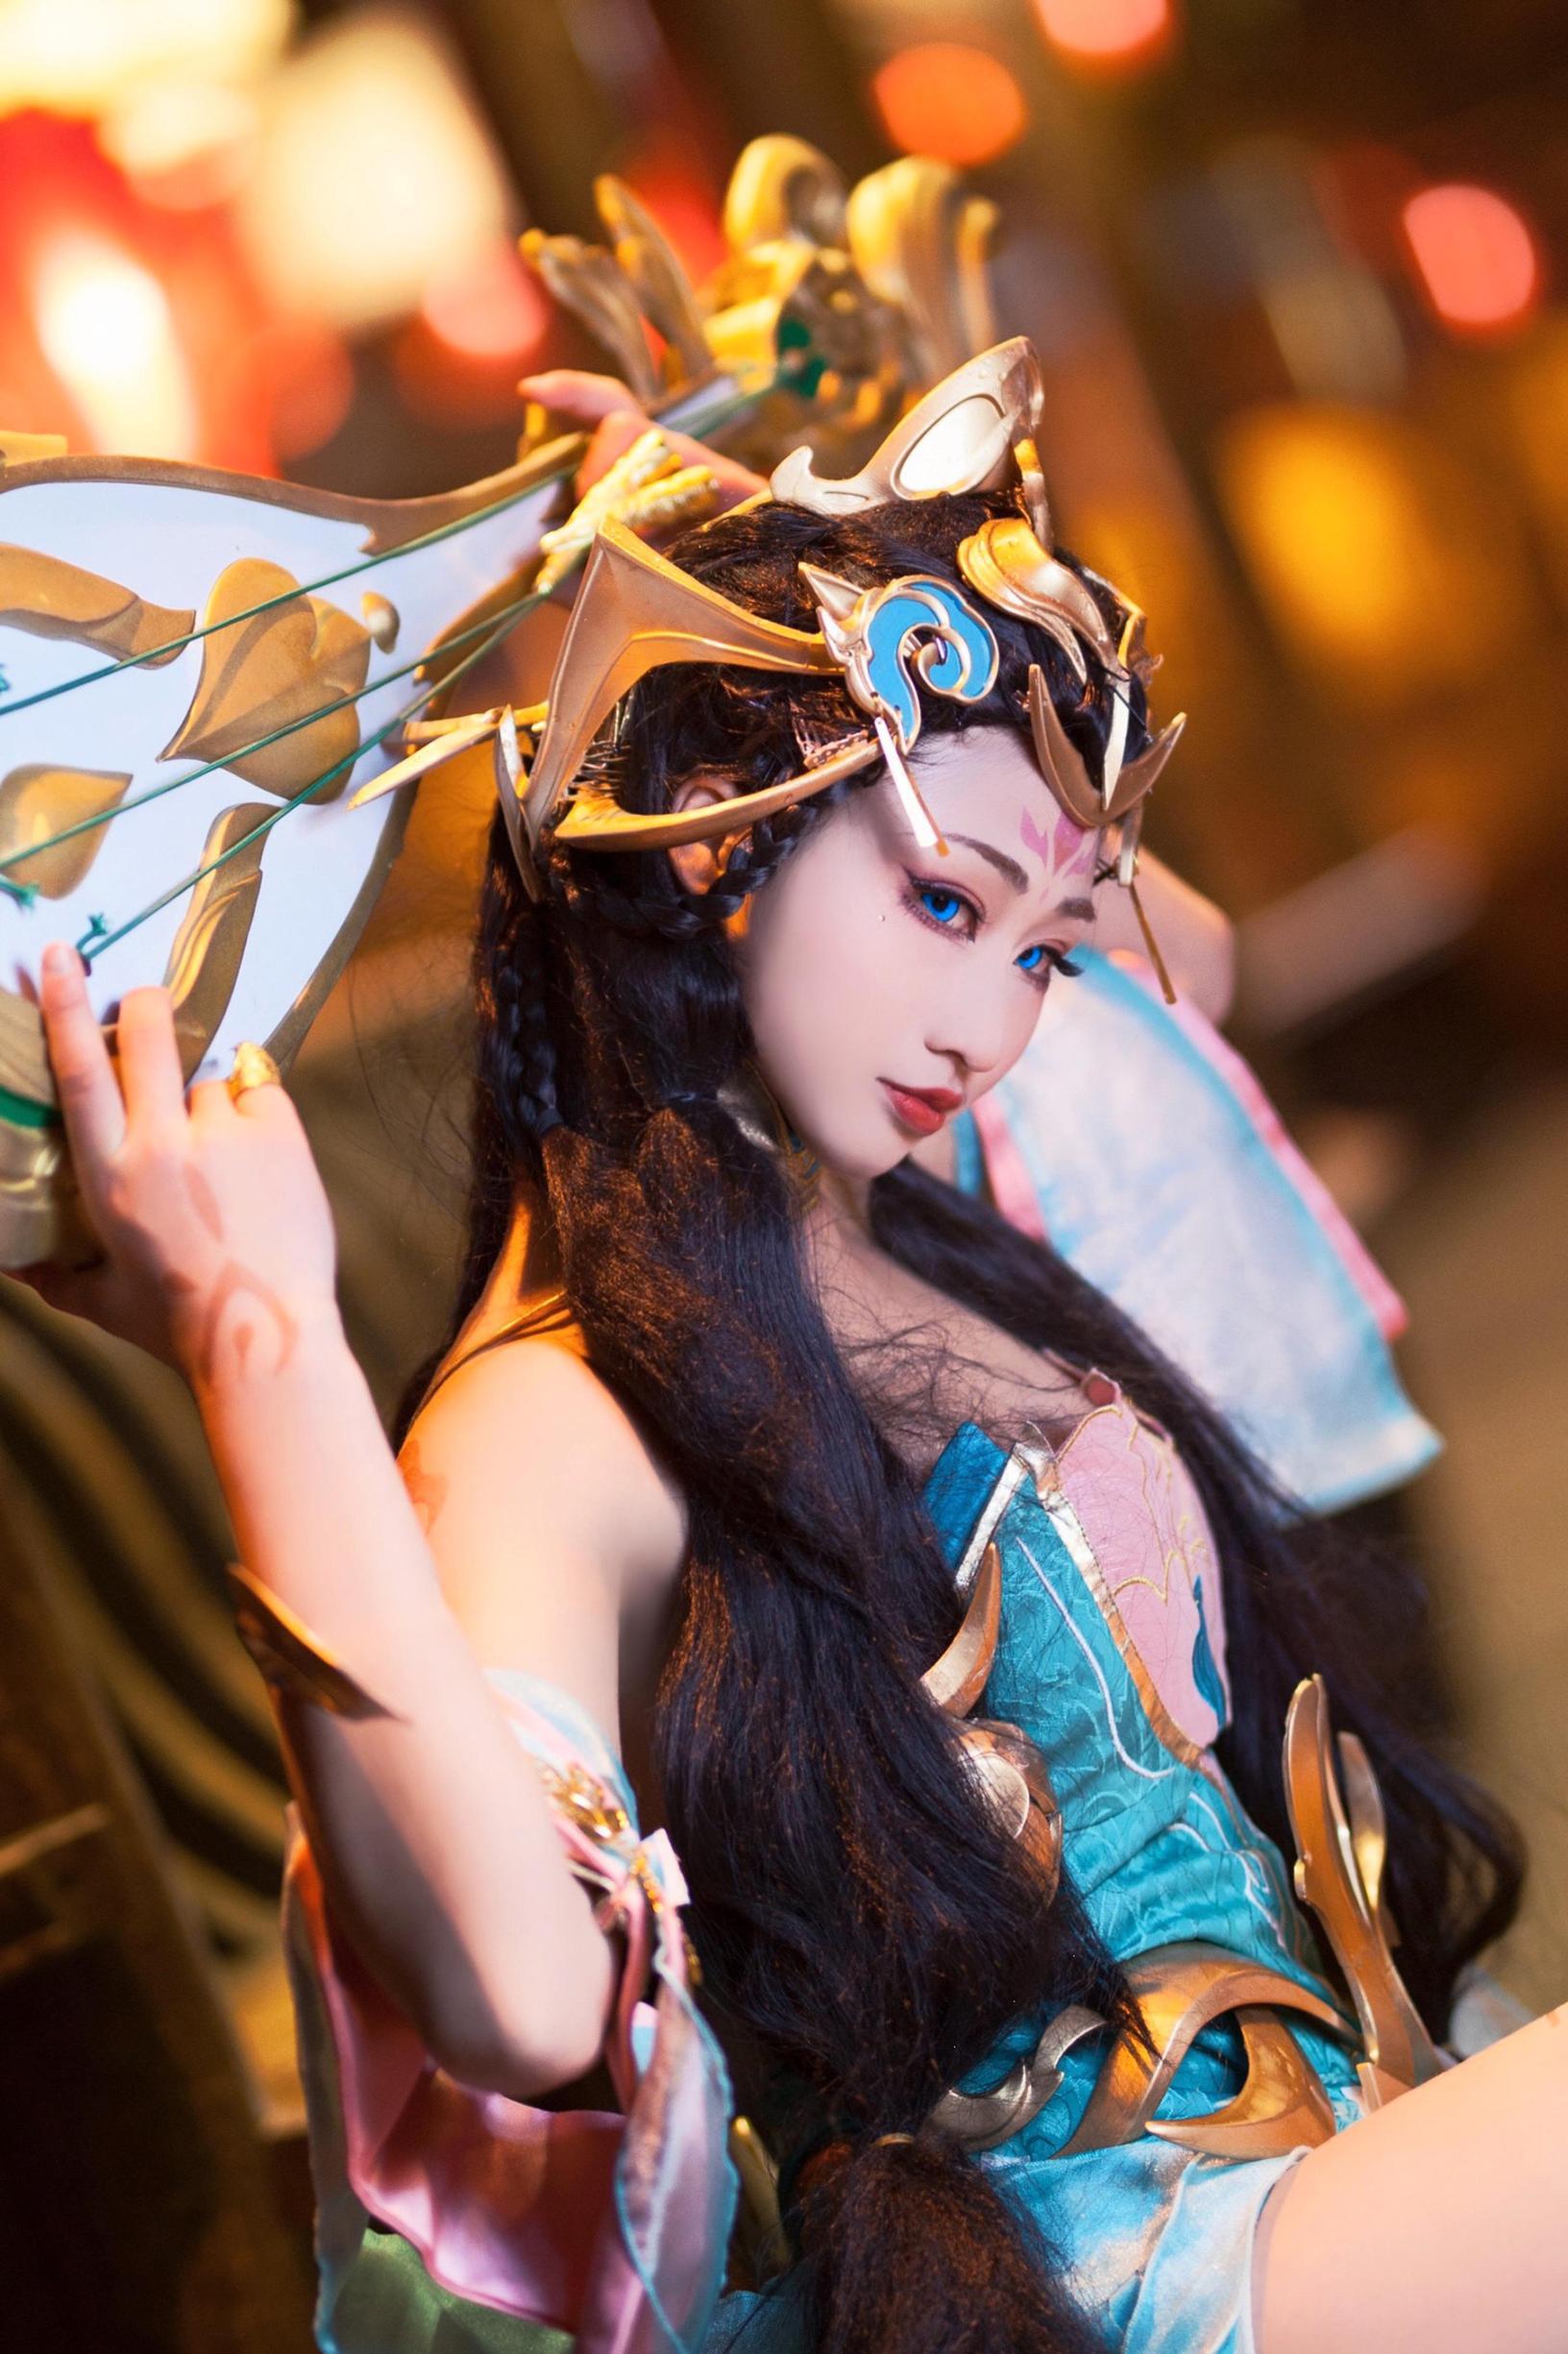 《王者荣耀》杨玉环王者荣耀cosplay【CN:虞清绝】-第1张